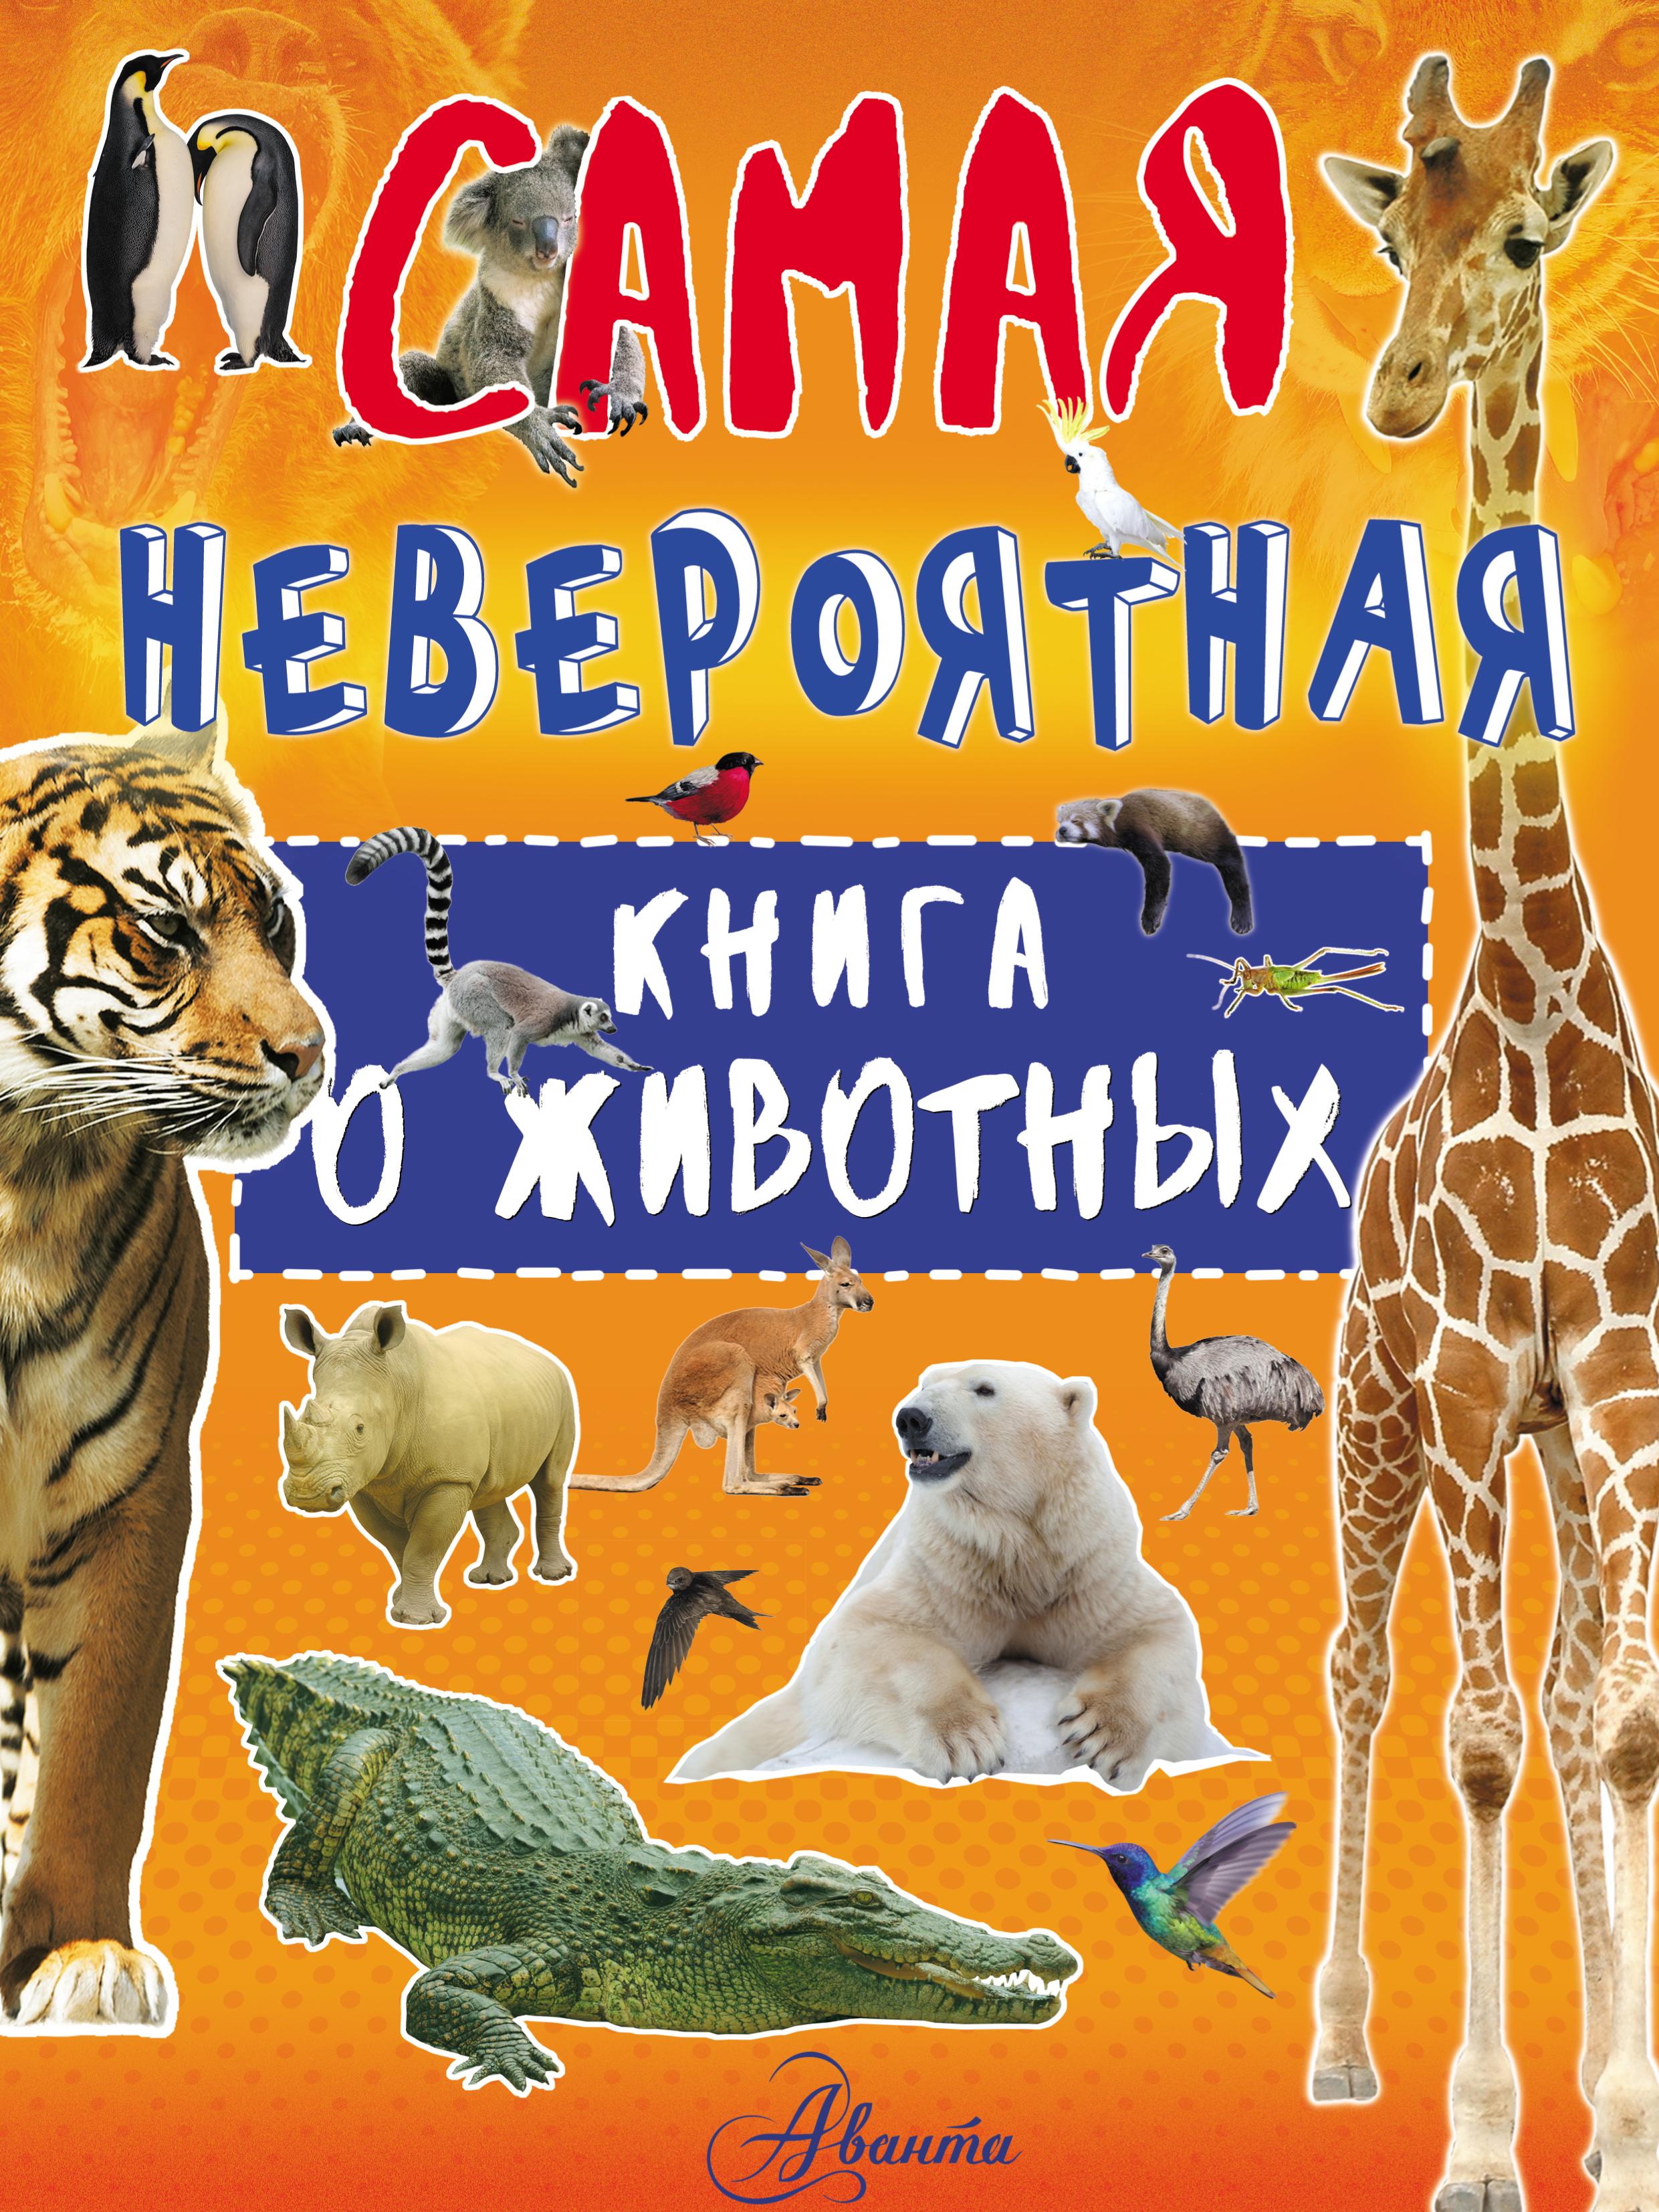 Л. Д. Вайткене Невероятная книга о животных вайткене л большая книга о науке для мальчиков